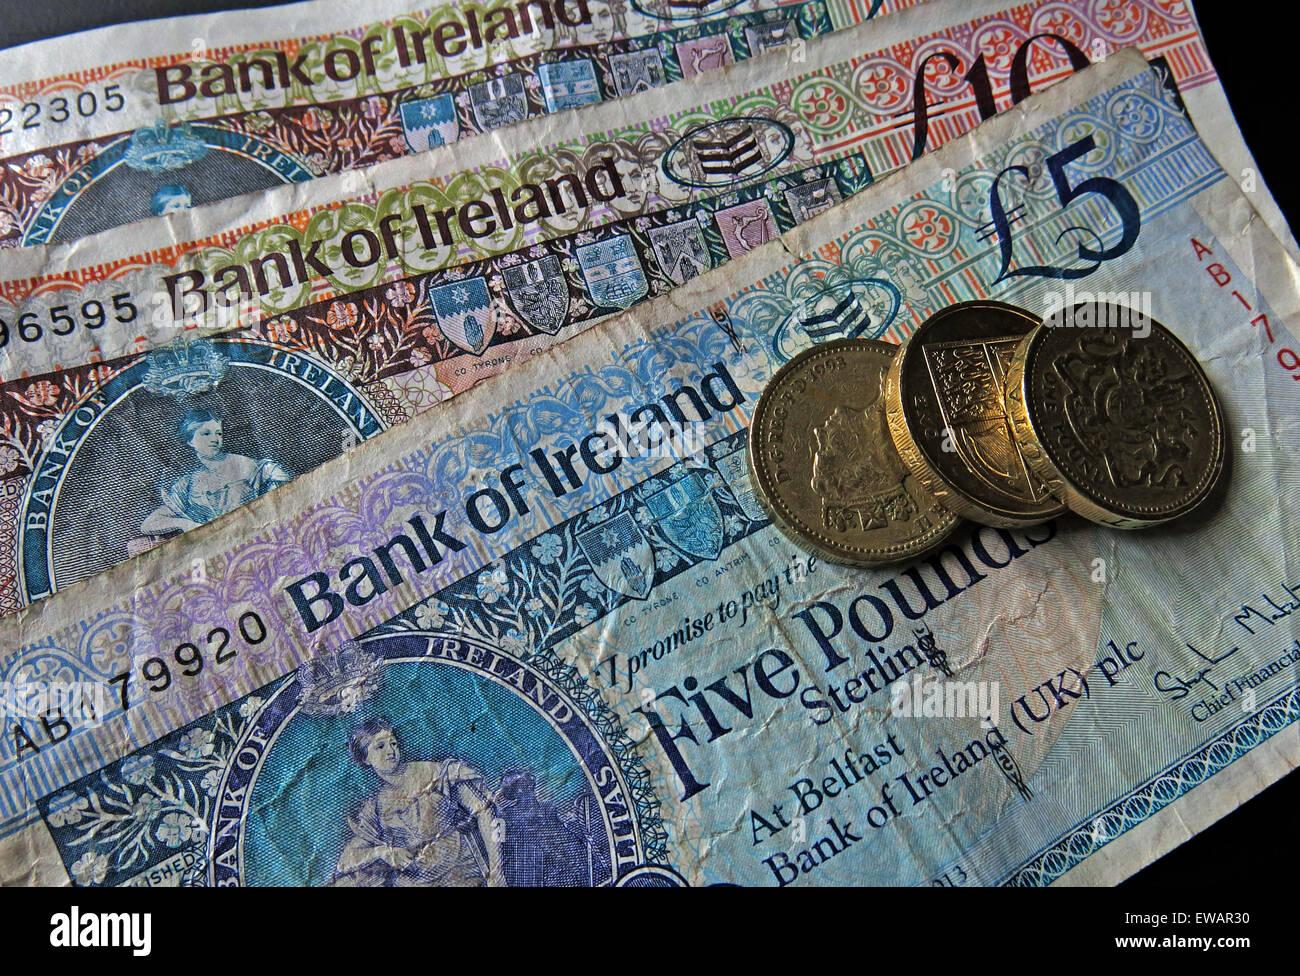 Laden Sie dieses Alamy Stockfoto Nördlichen irischen £5, £10 Notizen und Pfund-Münzen als gesetzliches Zahlungsmittel von der Bank Of Ireland Belfast - EWAR30